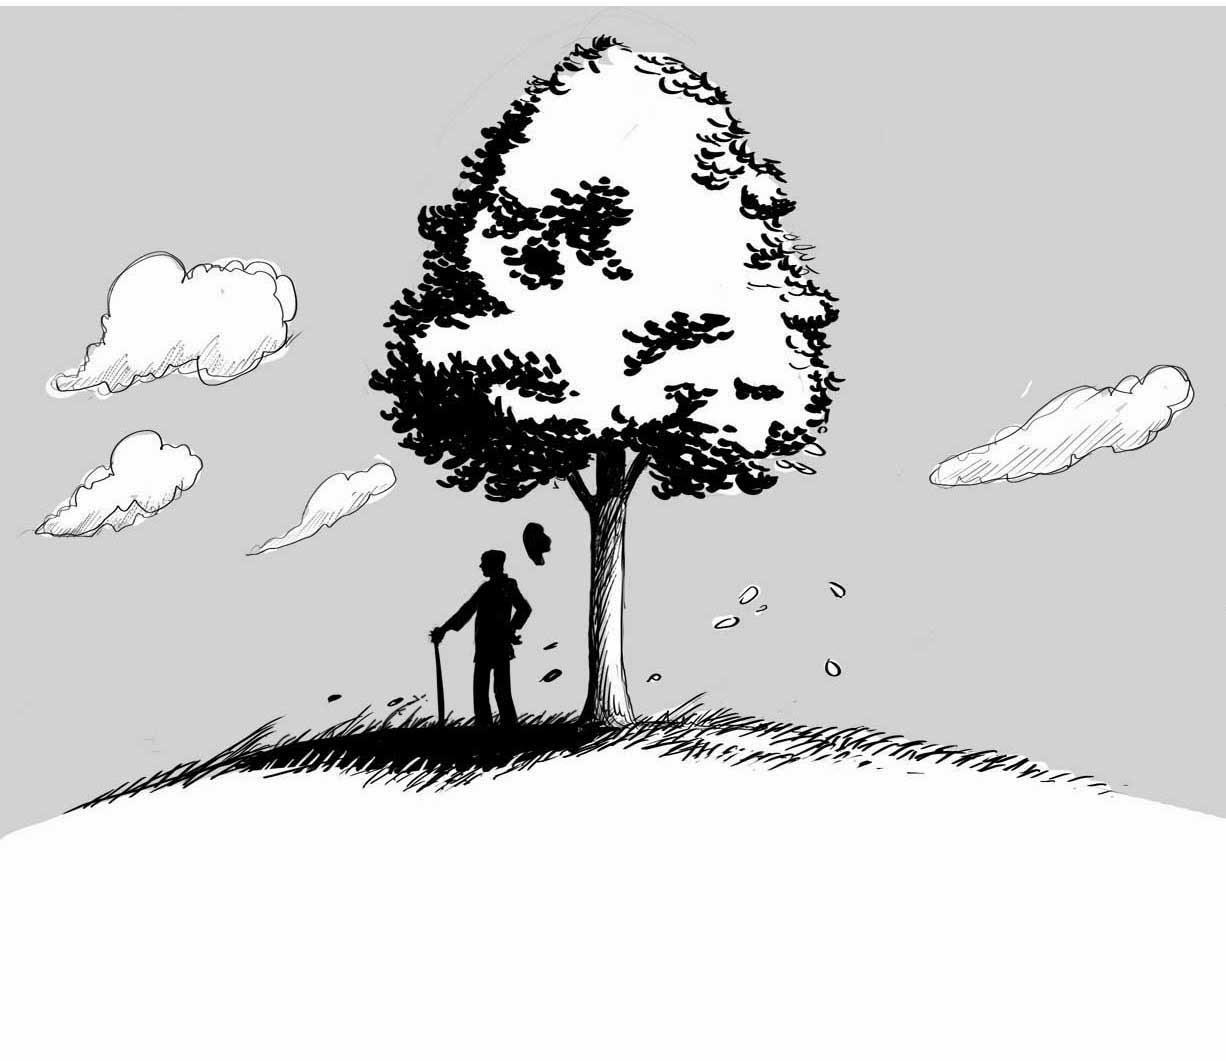 Ascuoladifumetto news albero e vento una revisione for Immagine di un disegno di architetto